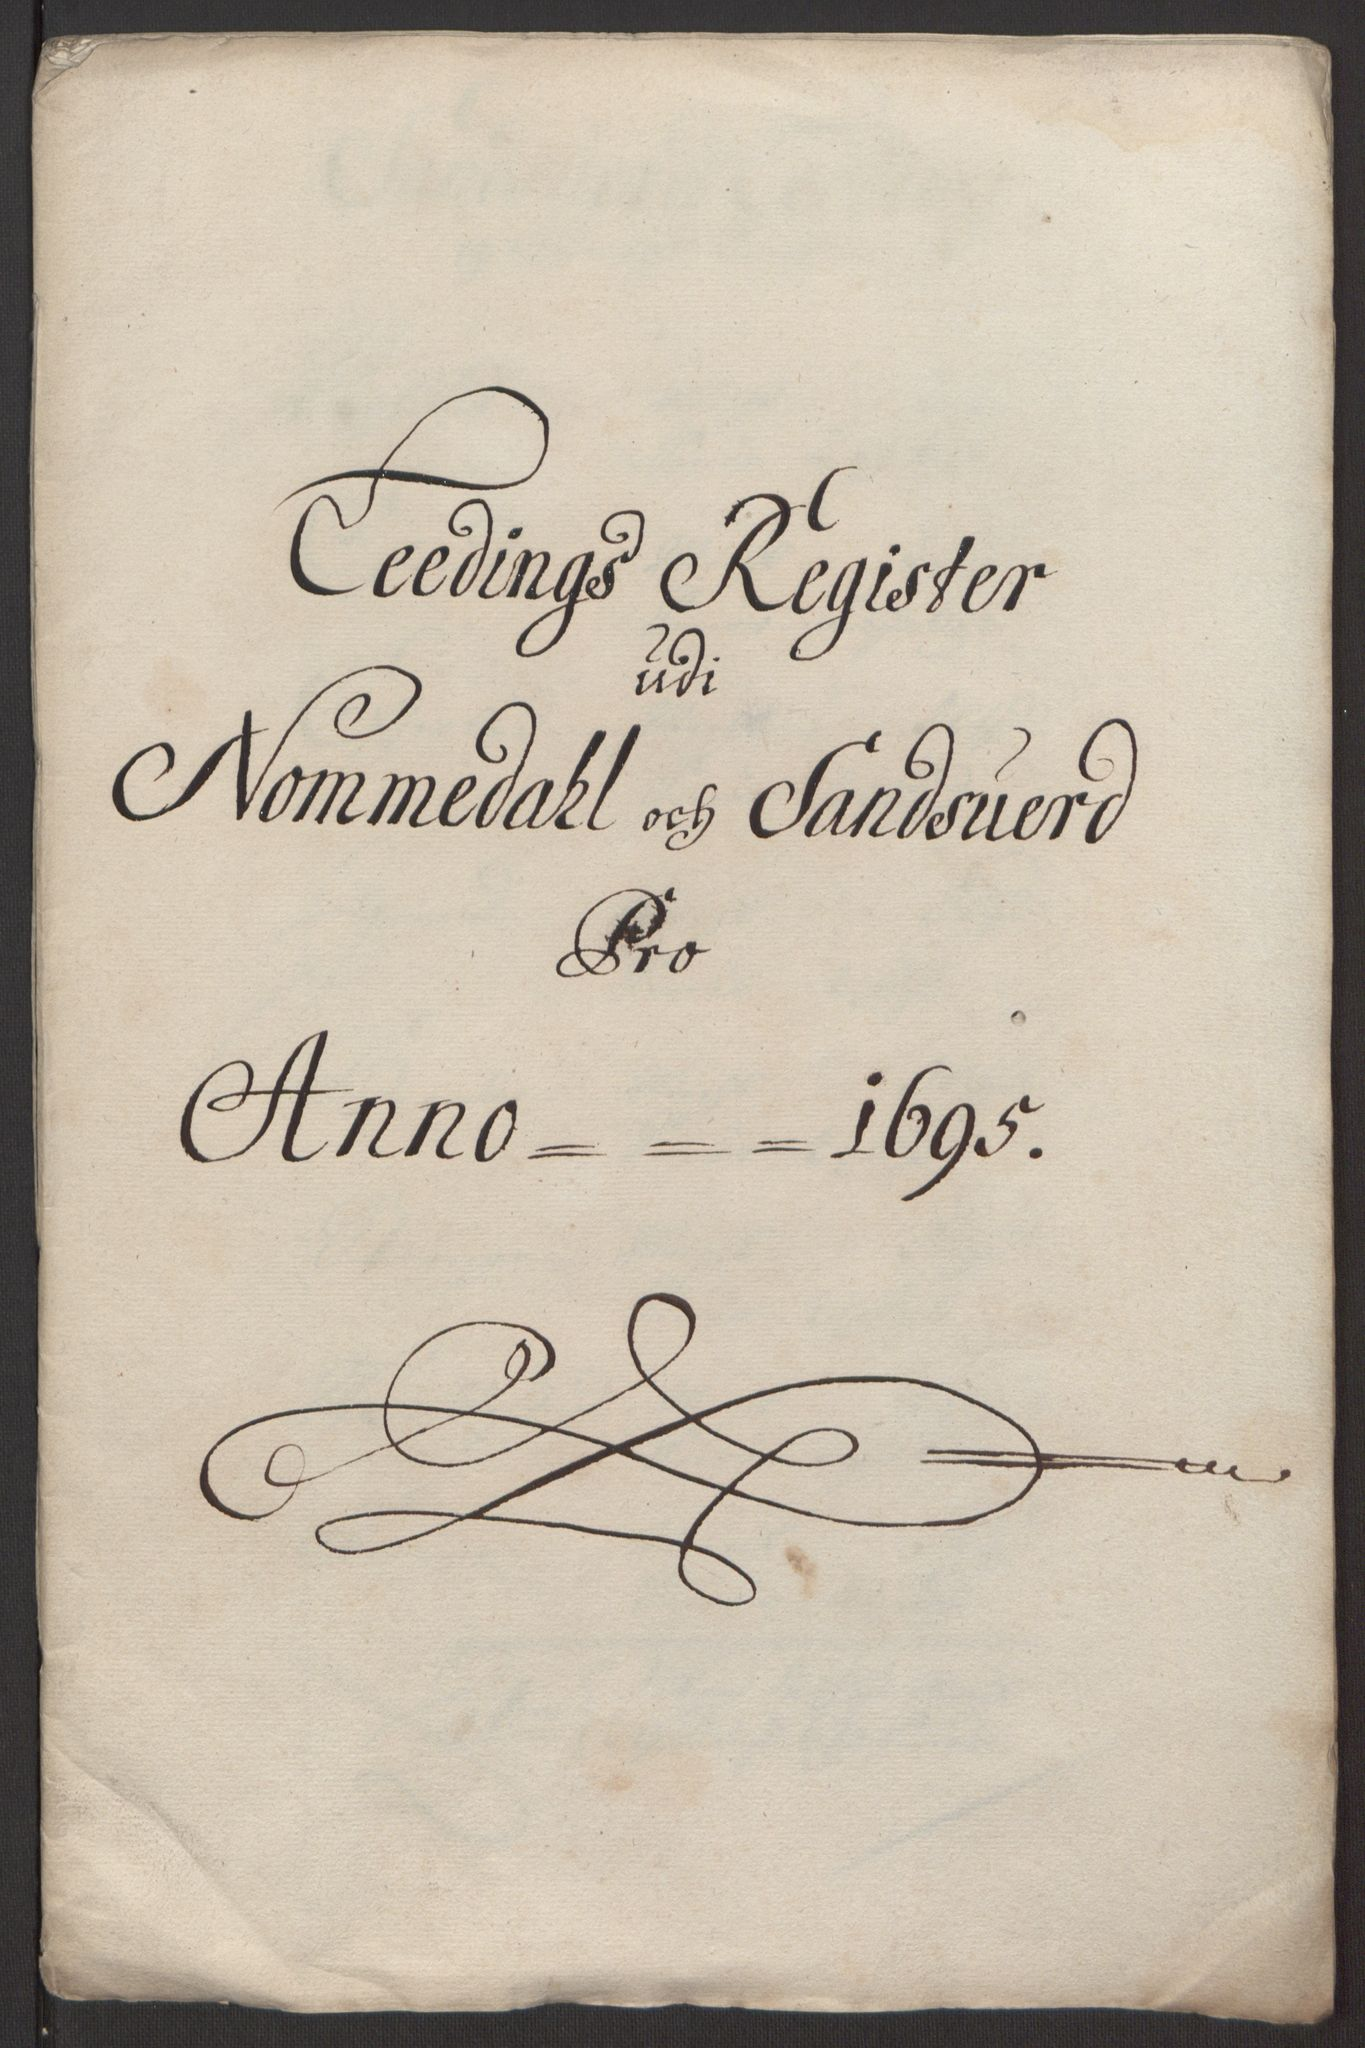 RA, Rentekammeret inntil 1814, Reviderte regnskaper, Fogderegnskap, R24/L1575: Fogderegnskap Numedal og Sandsvær, 1692-1695, s. 267